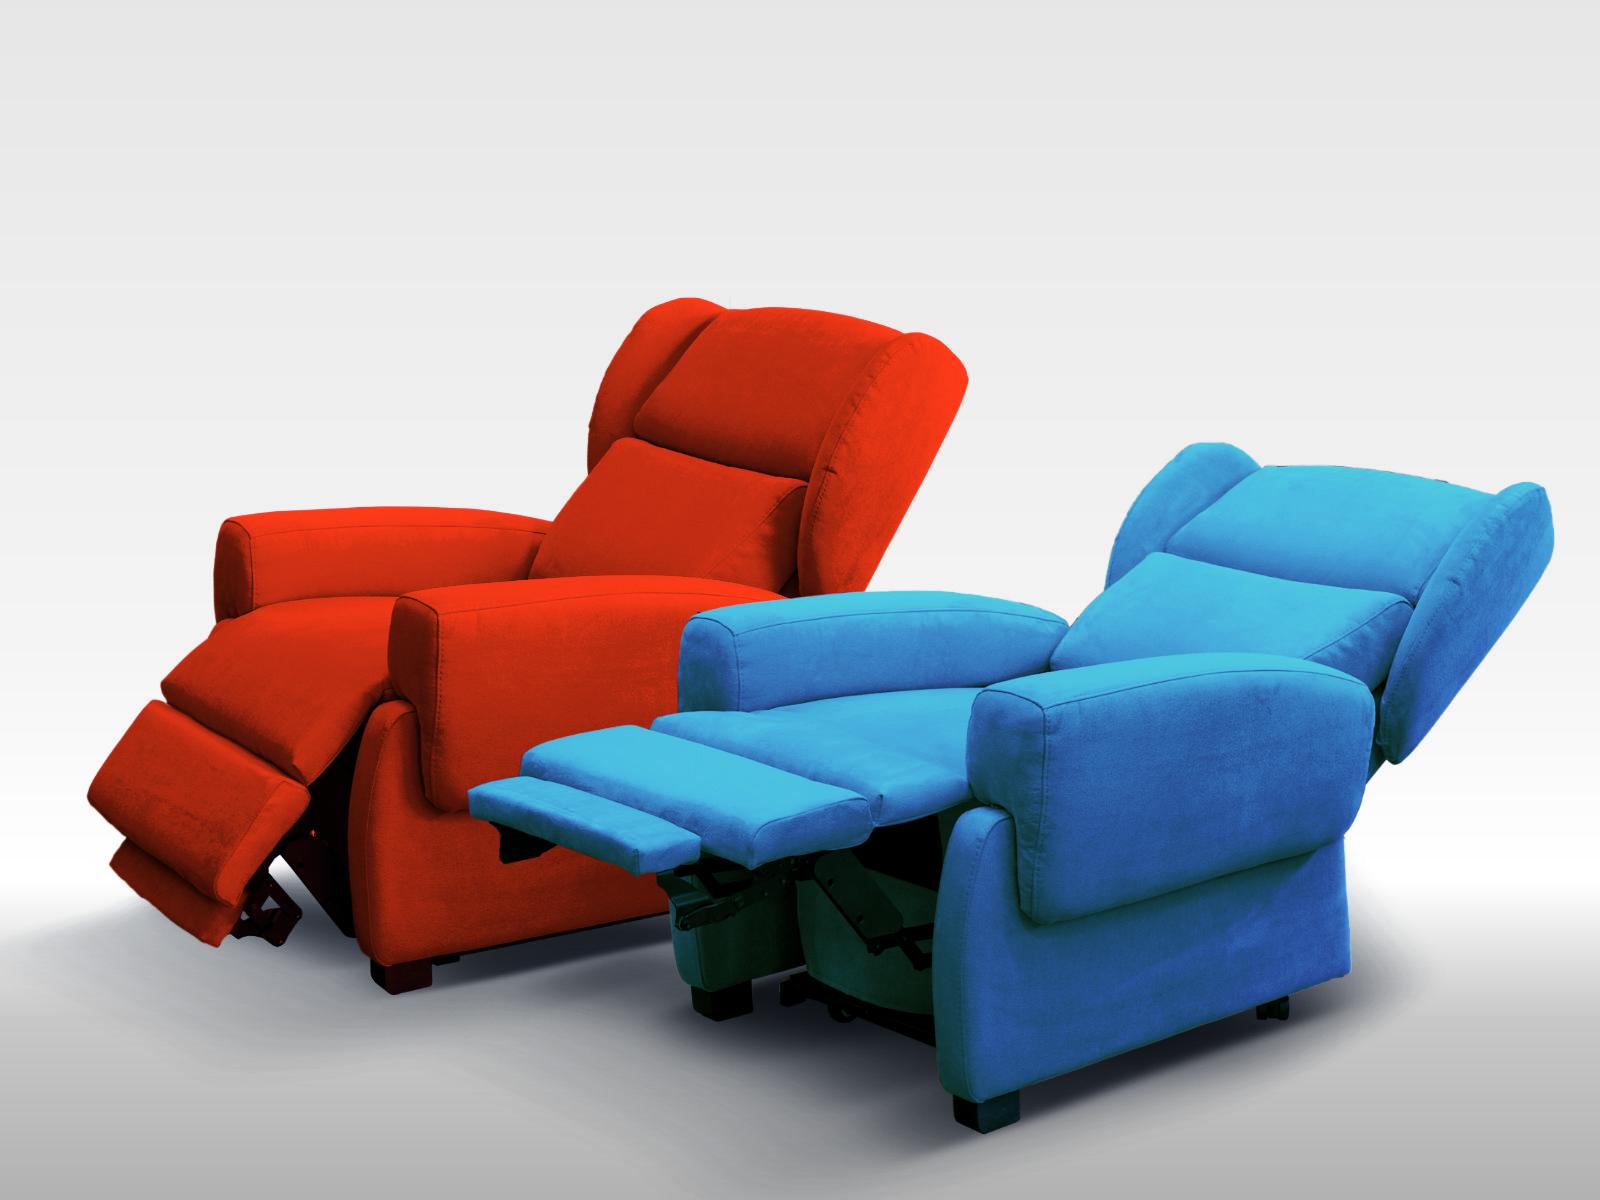 Poltrone per anziani comode in posizioni relax e letto poltrone